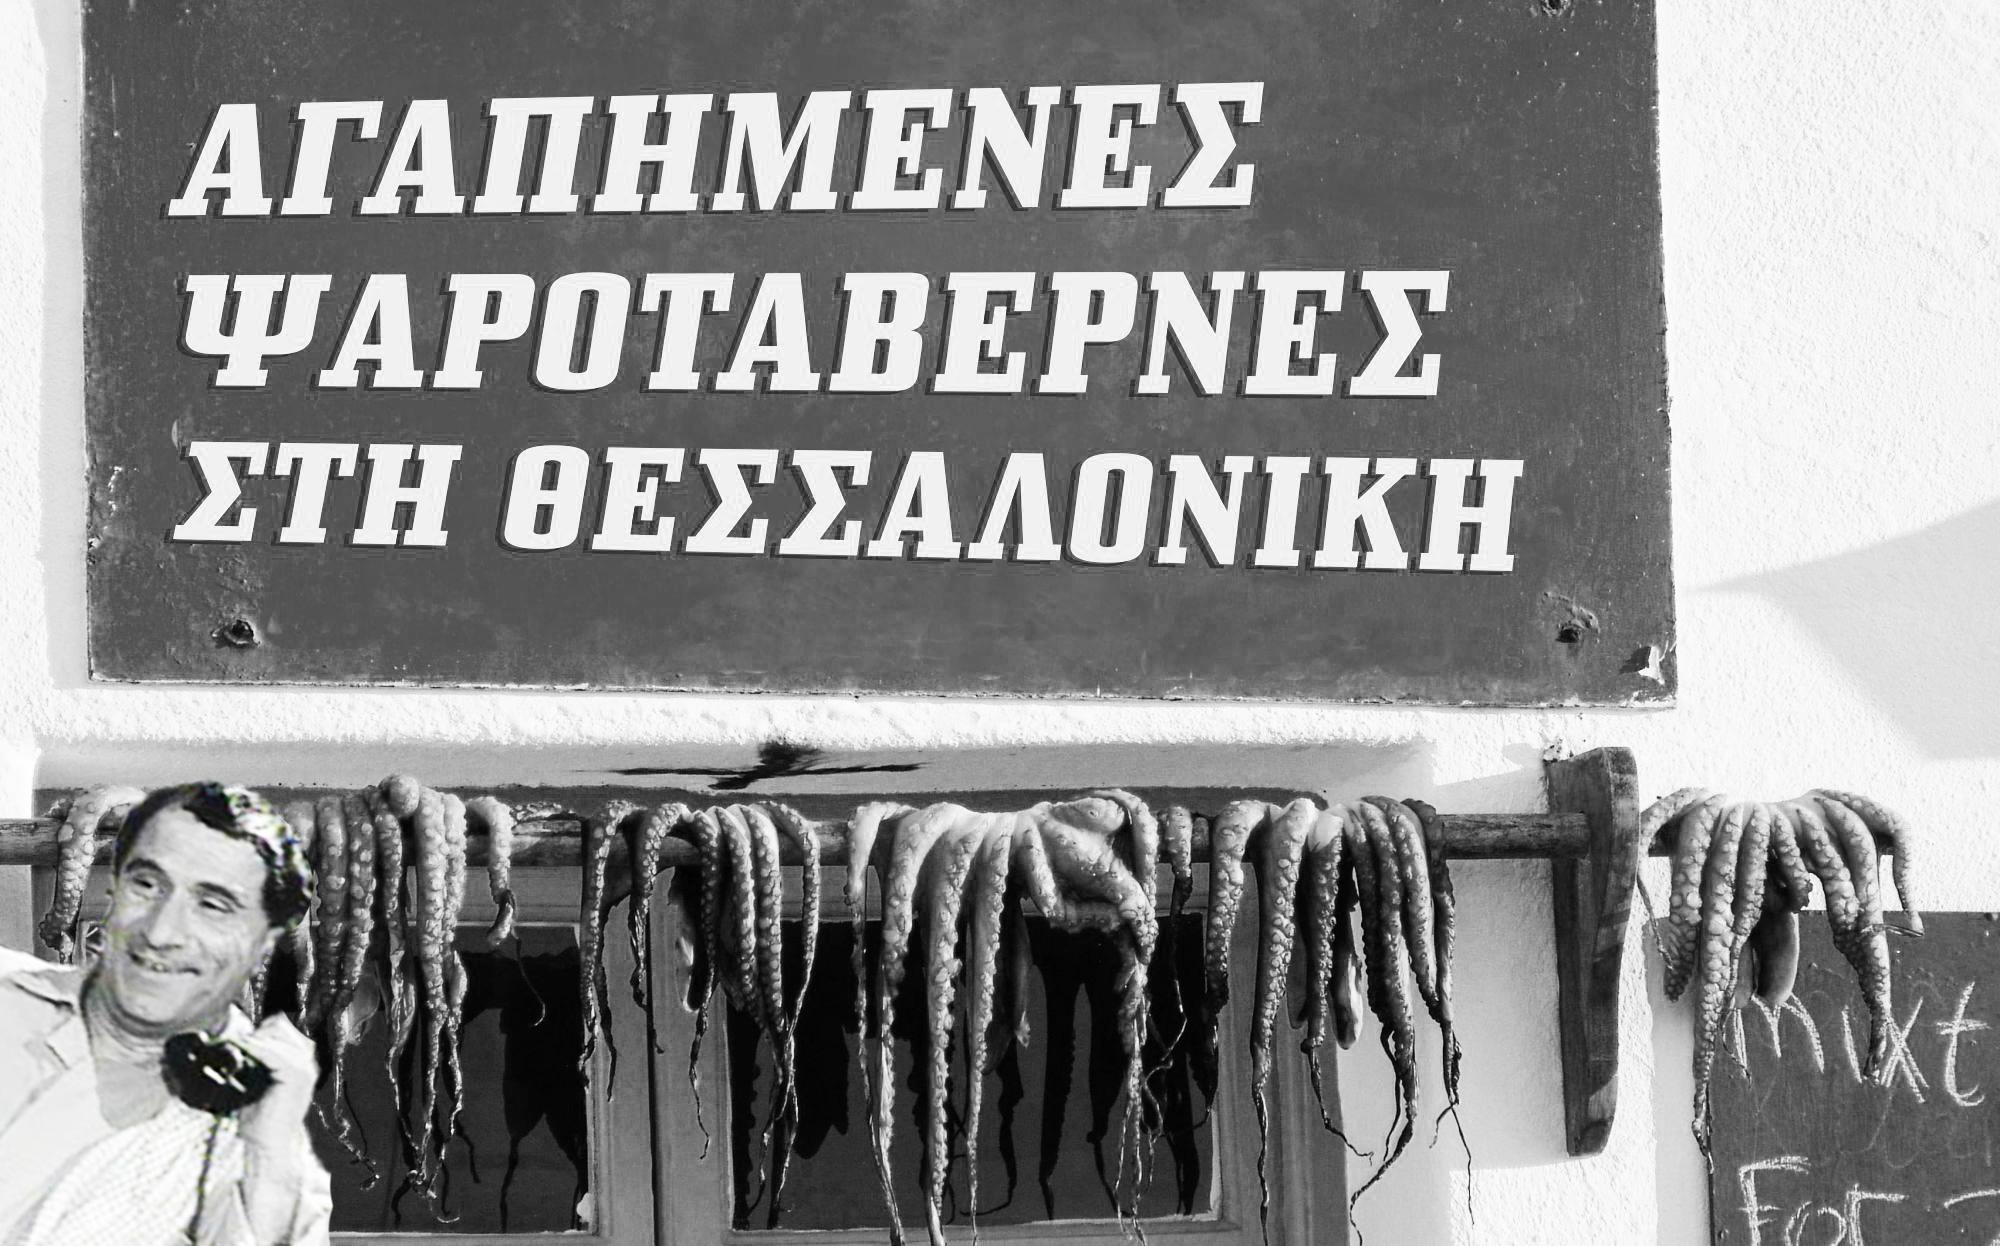 ψαροταβέρνες στη θεσσαλονικη